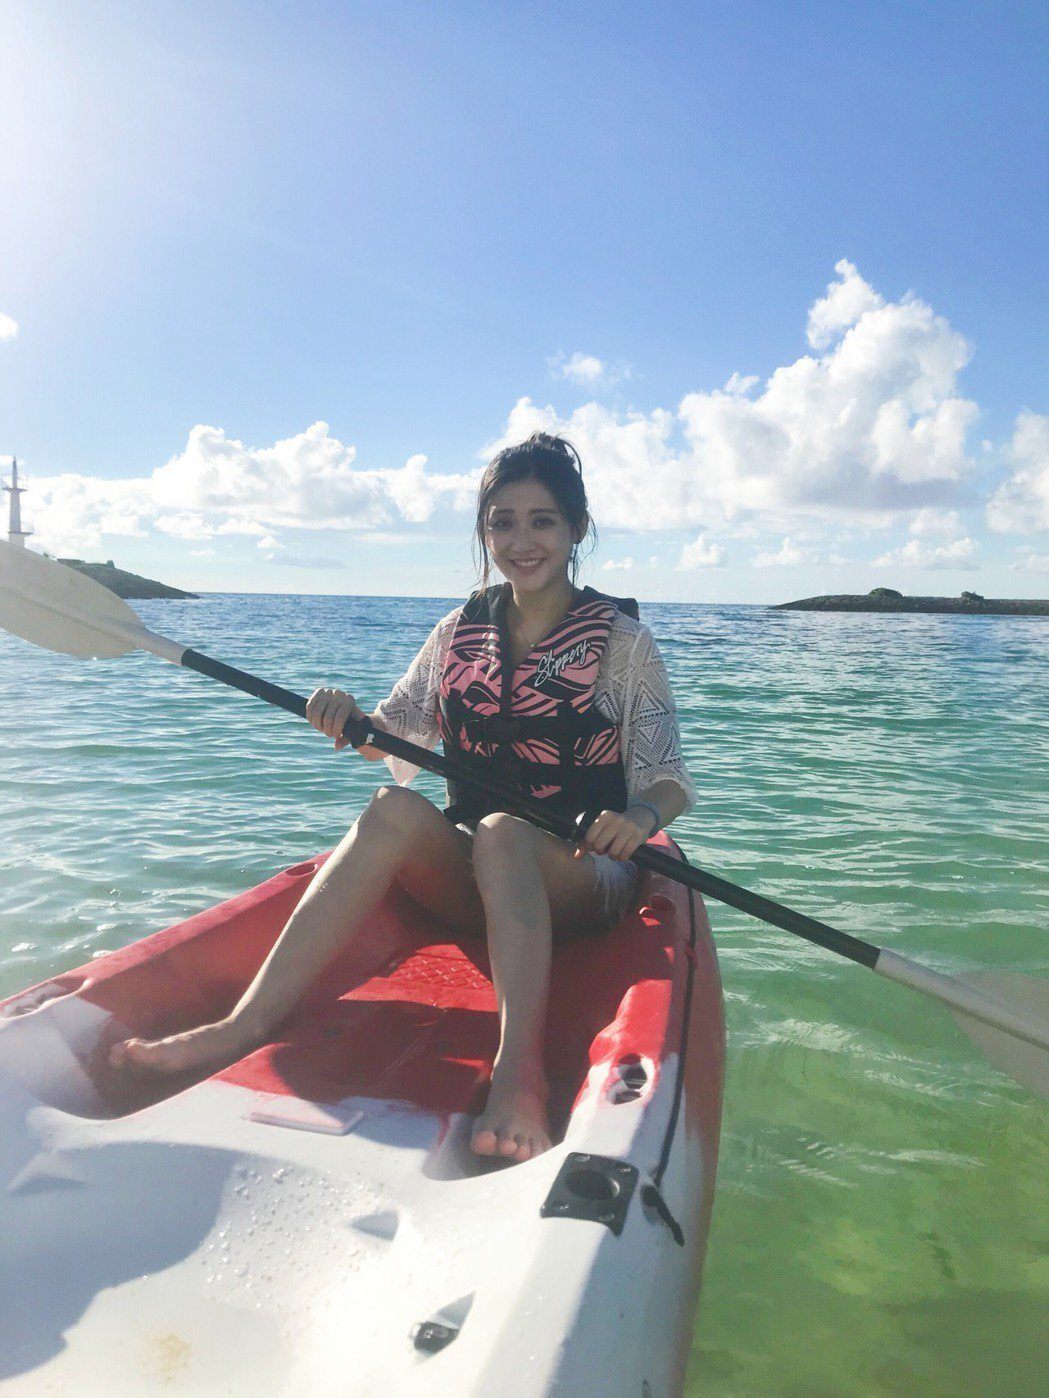 林逸欣在沖繩開心划獨木舟。圖/鑫羽工作室提供